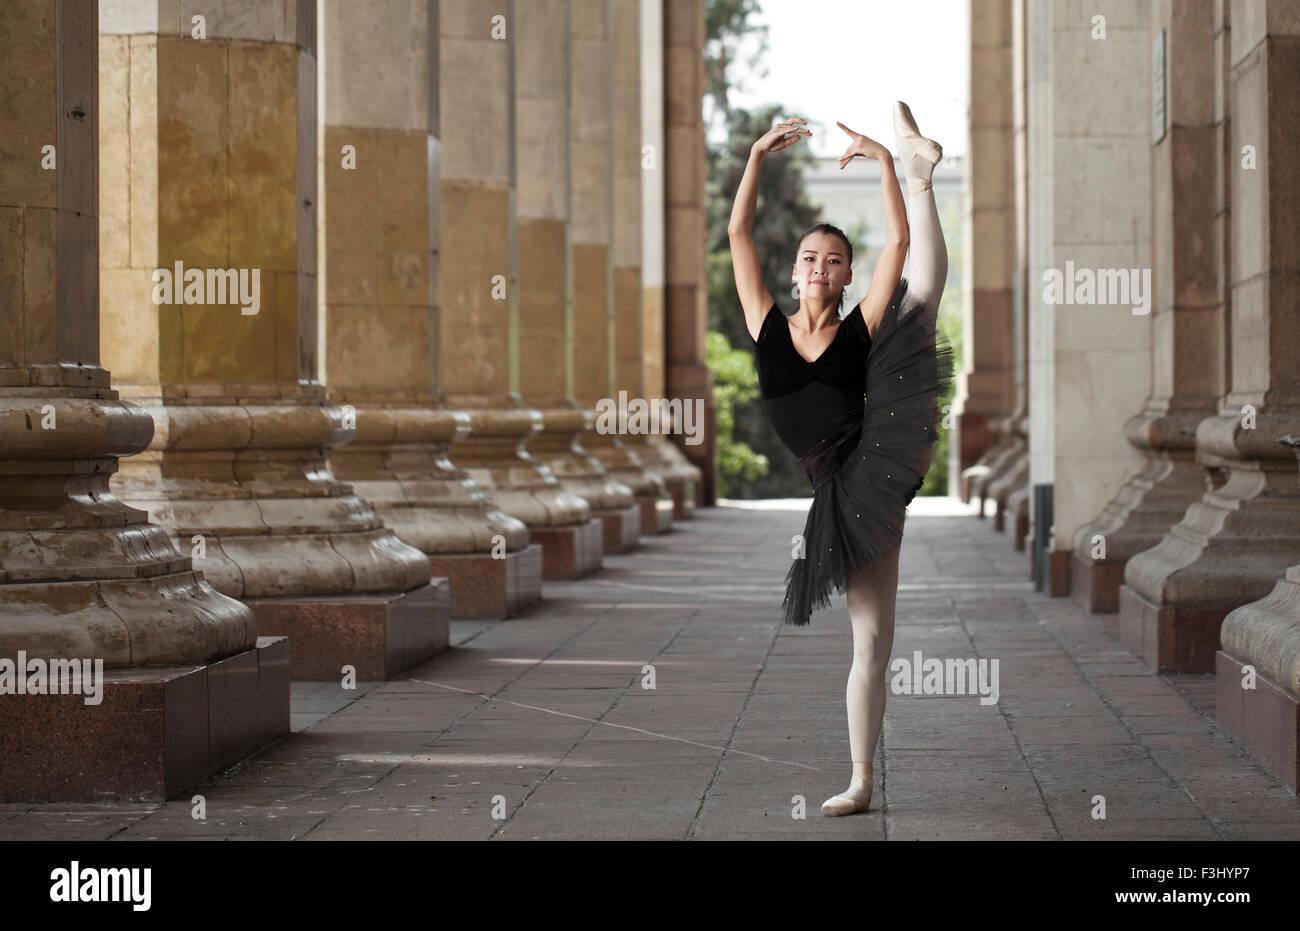 Ballerine fille appartements debout sur la pointe des pieds dans la rue Photo Stock